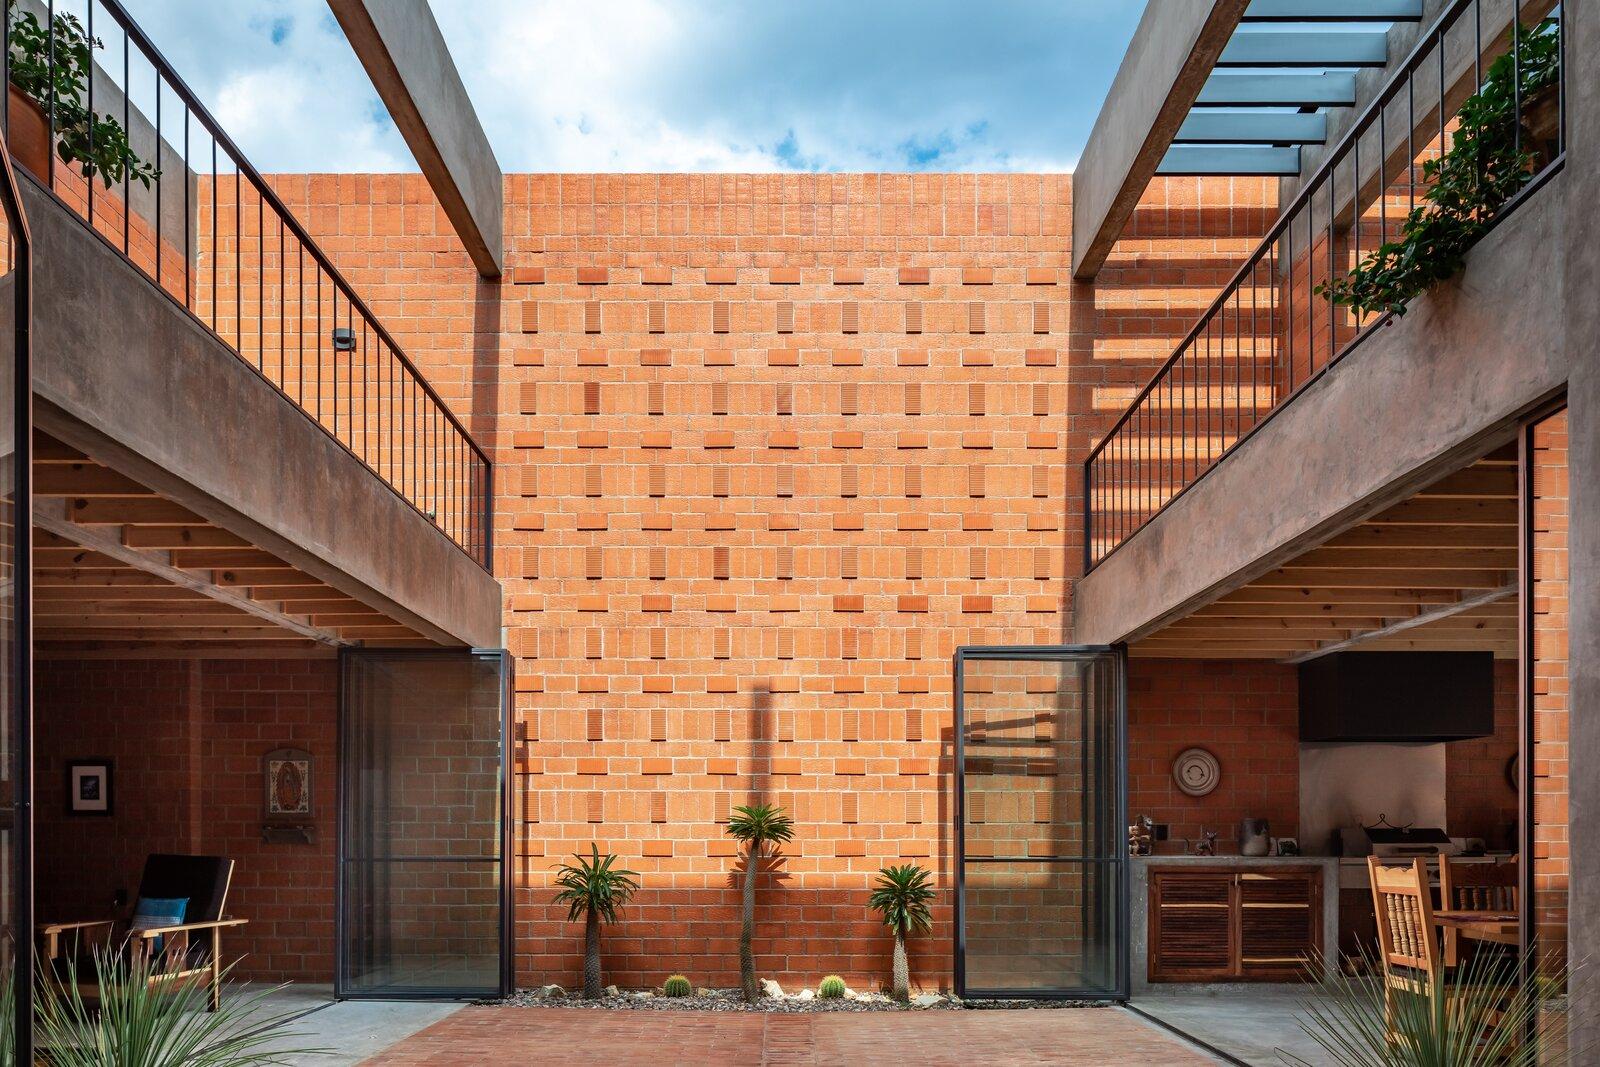 Nuestro Sueño central courtyard